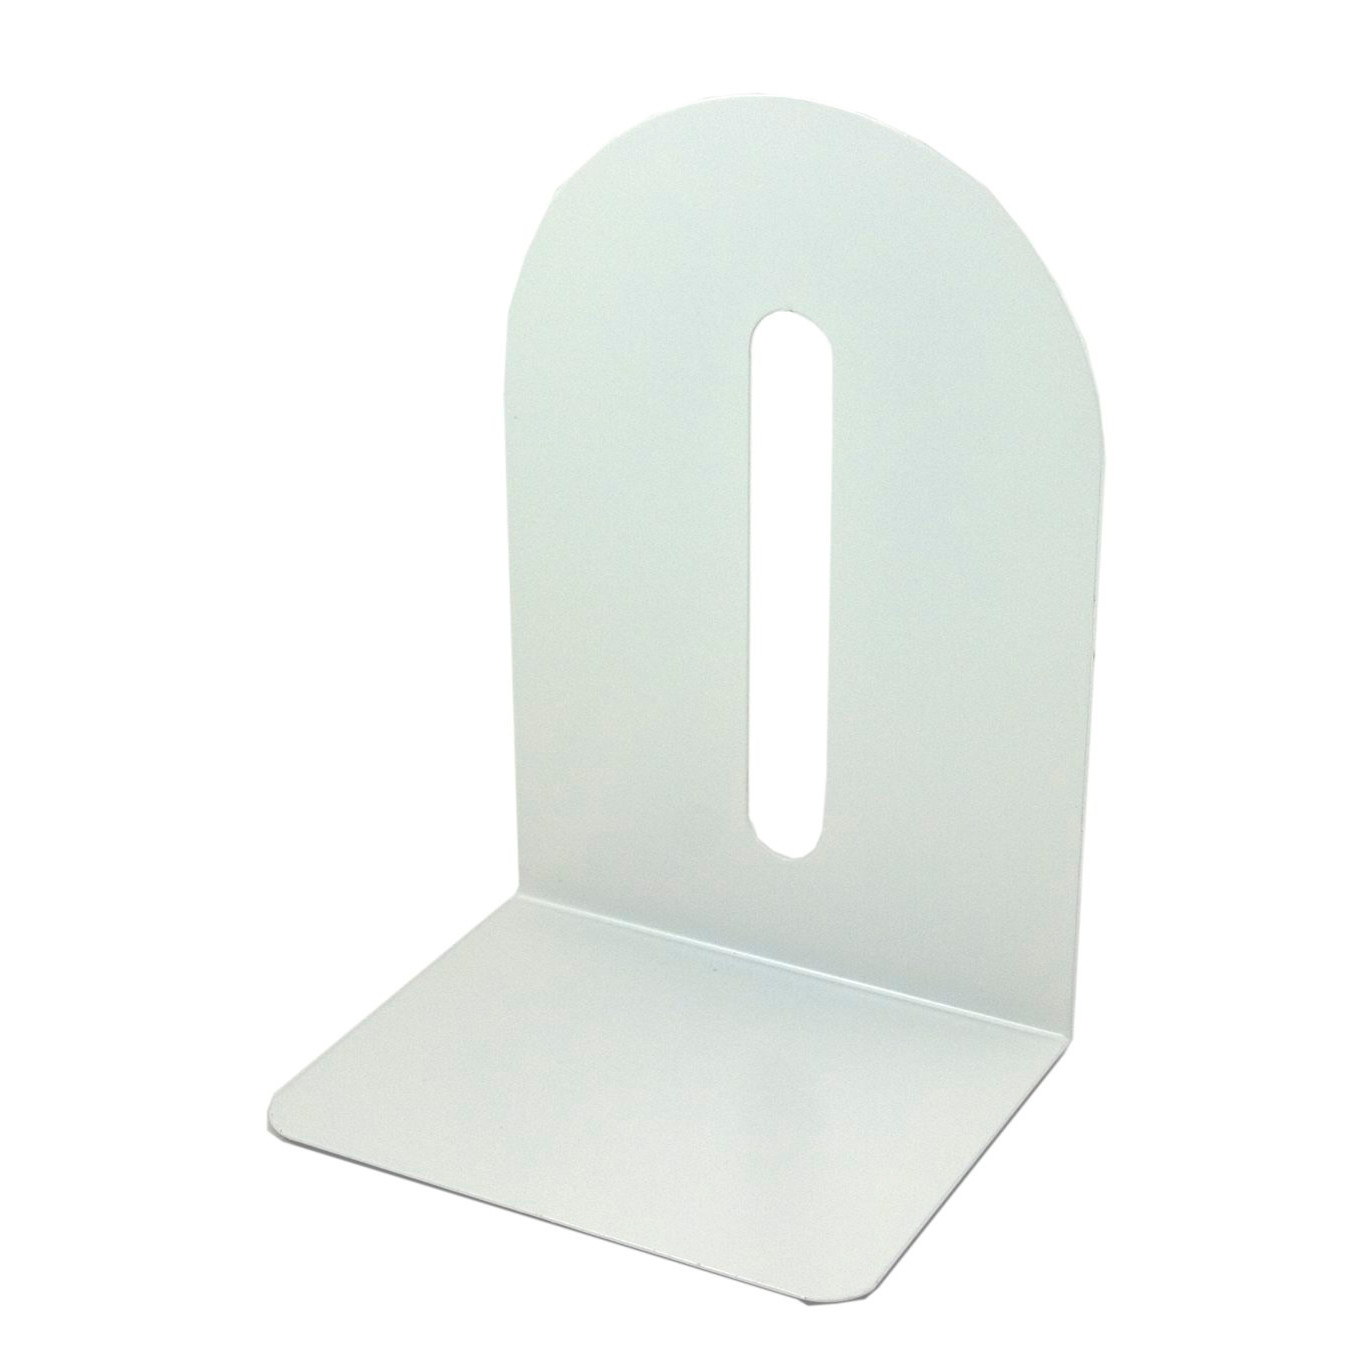 Bogstøtte 20 cm BNT i hvid metal - 1 STK